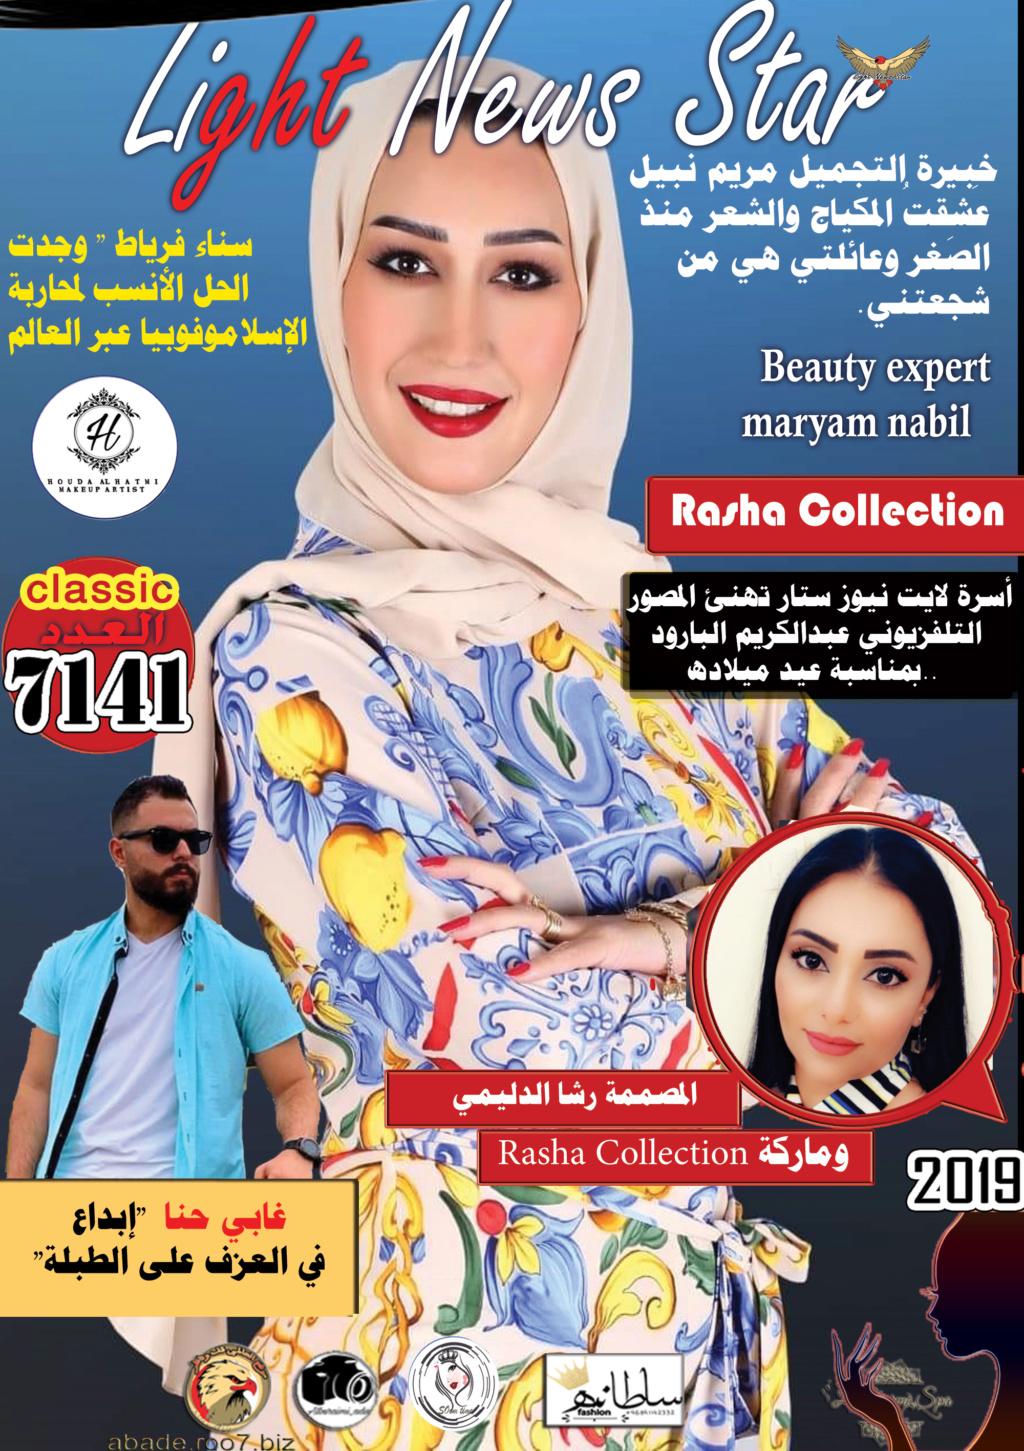 أخبار نجوم الفن والمشاهير 7141 light news star من المصدر خبيرة التجميل مريم نبيل  عَشِقتُ المكياج والشعر منذ  الصغر وعائلتي هي من  شجعتني. Aa714110